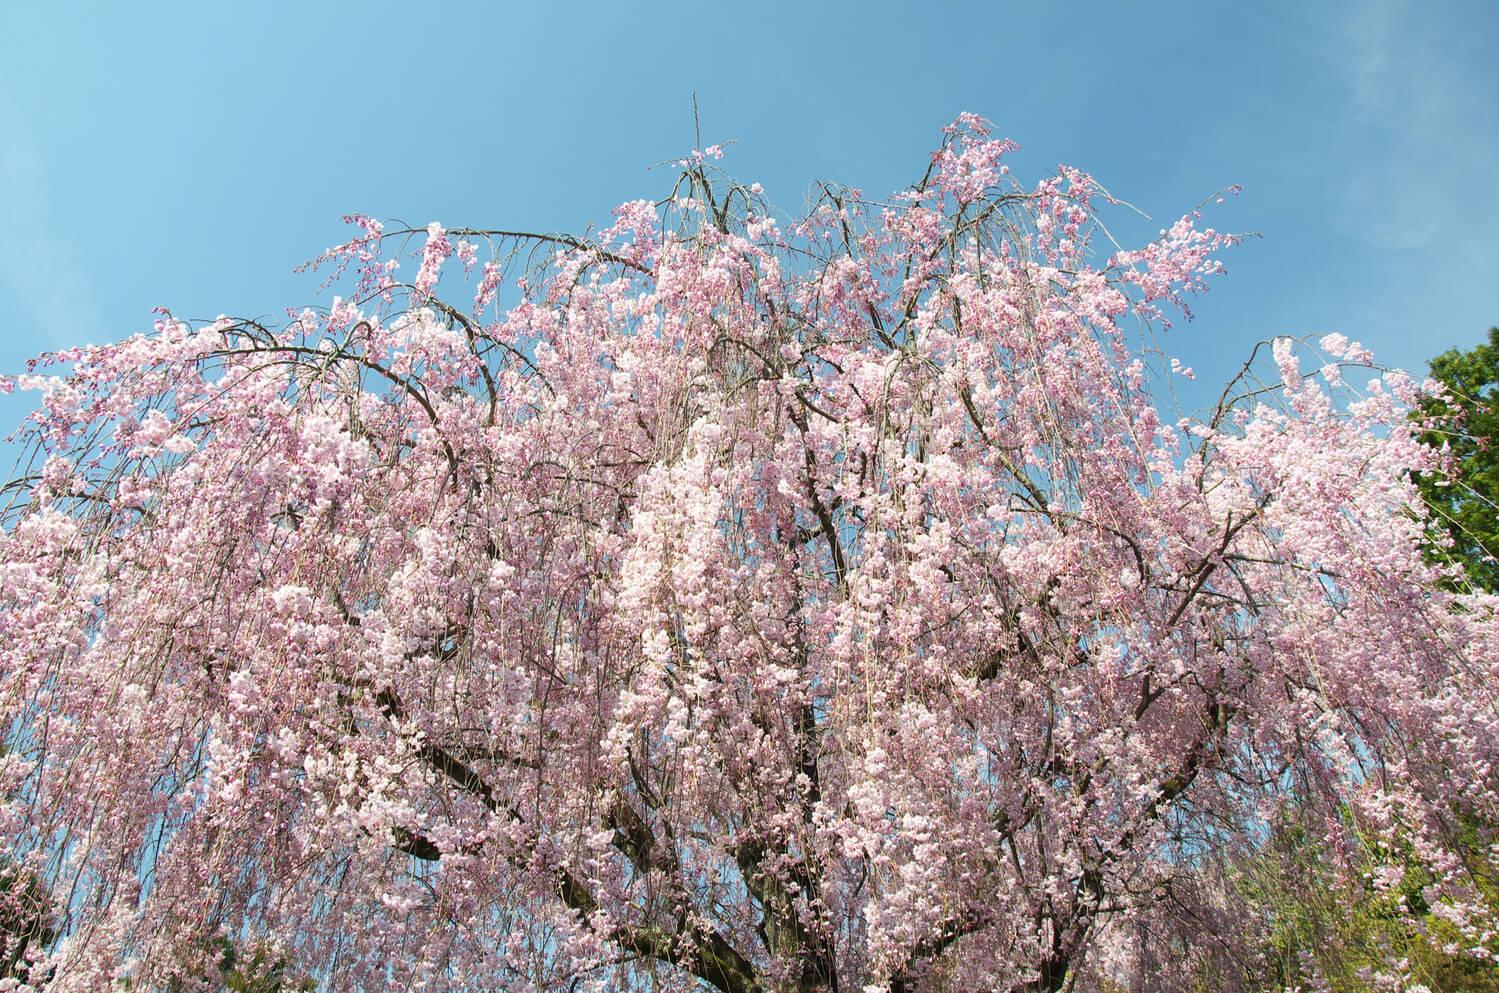 京都観光 > 京都市・祇園・嵐山観光 > 春に見られる枝垂れ桜が美しい!京都観光で行きたい「瑞光院」の見どころ